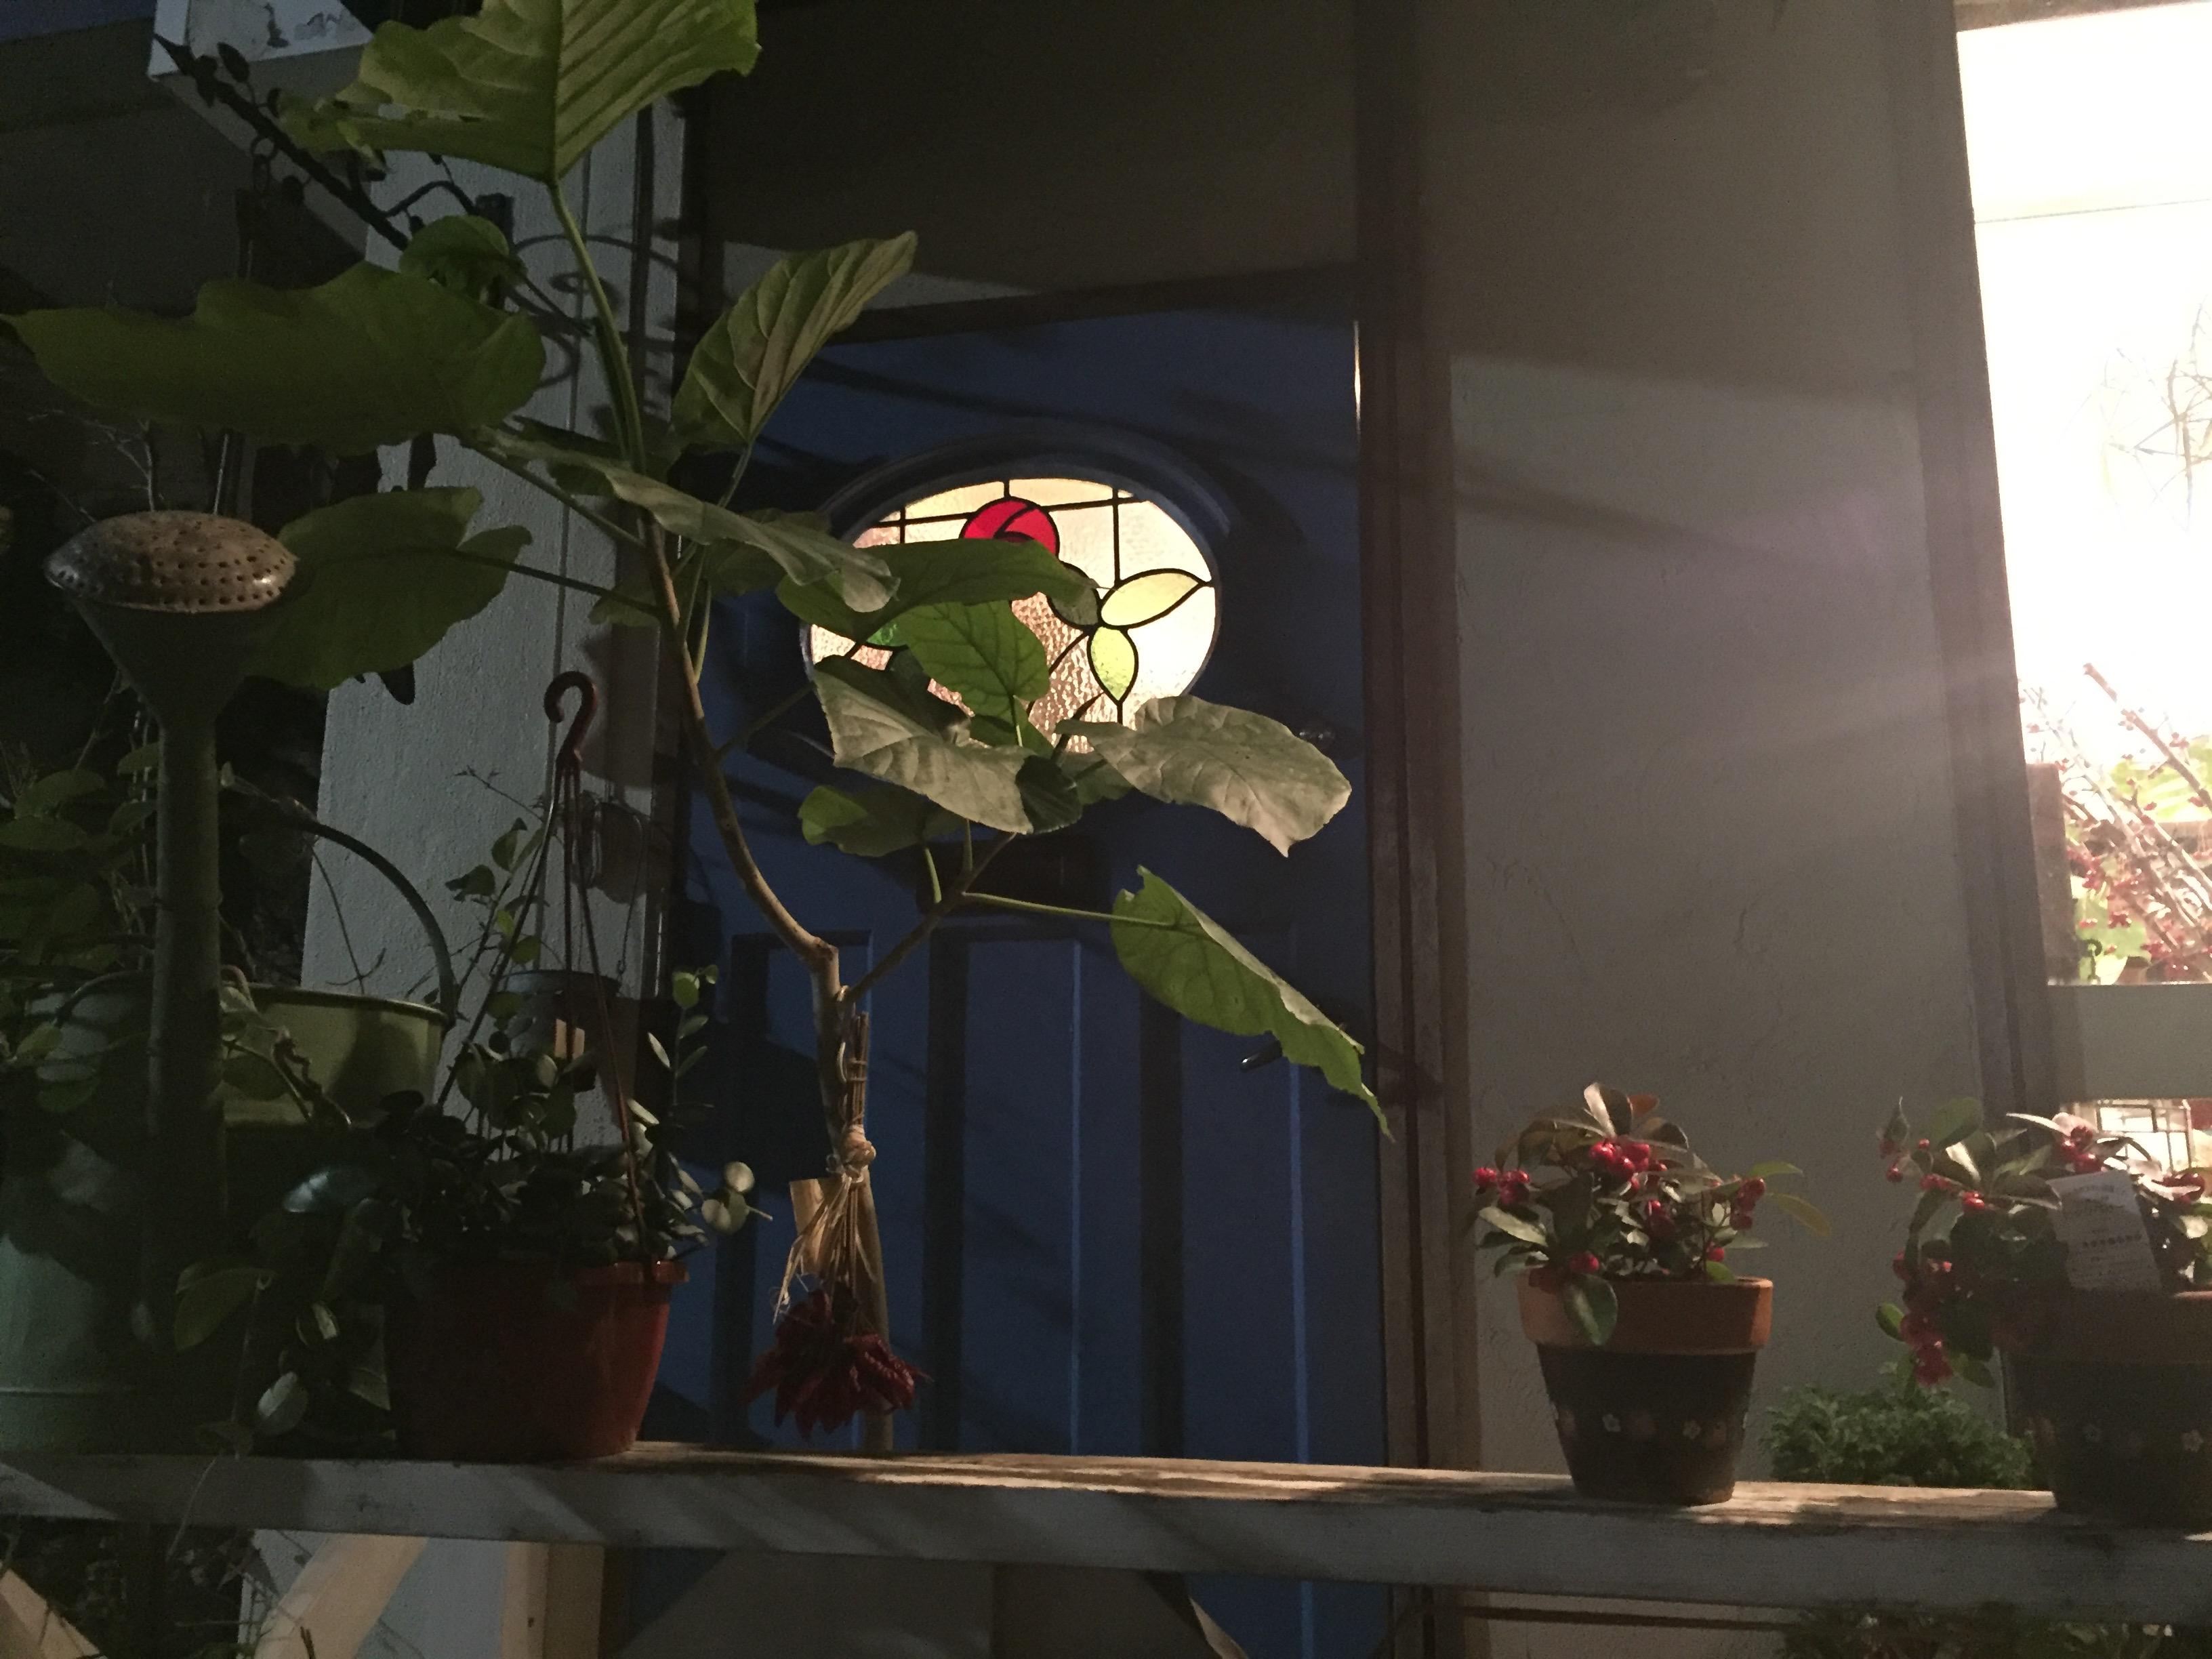 神戸・岡本の「ブルーパルク (Bleu Parc) 」さんのマフィンと焼き菓子を味わってみた【食レポ&ひがしなだスイーツめぐり対象】